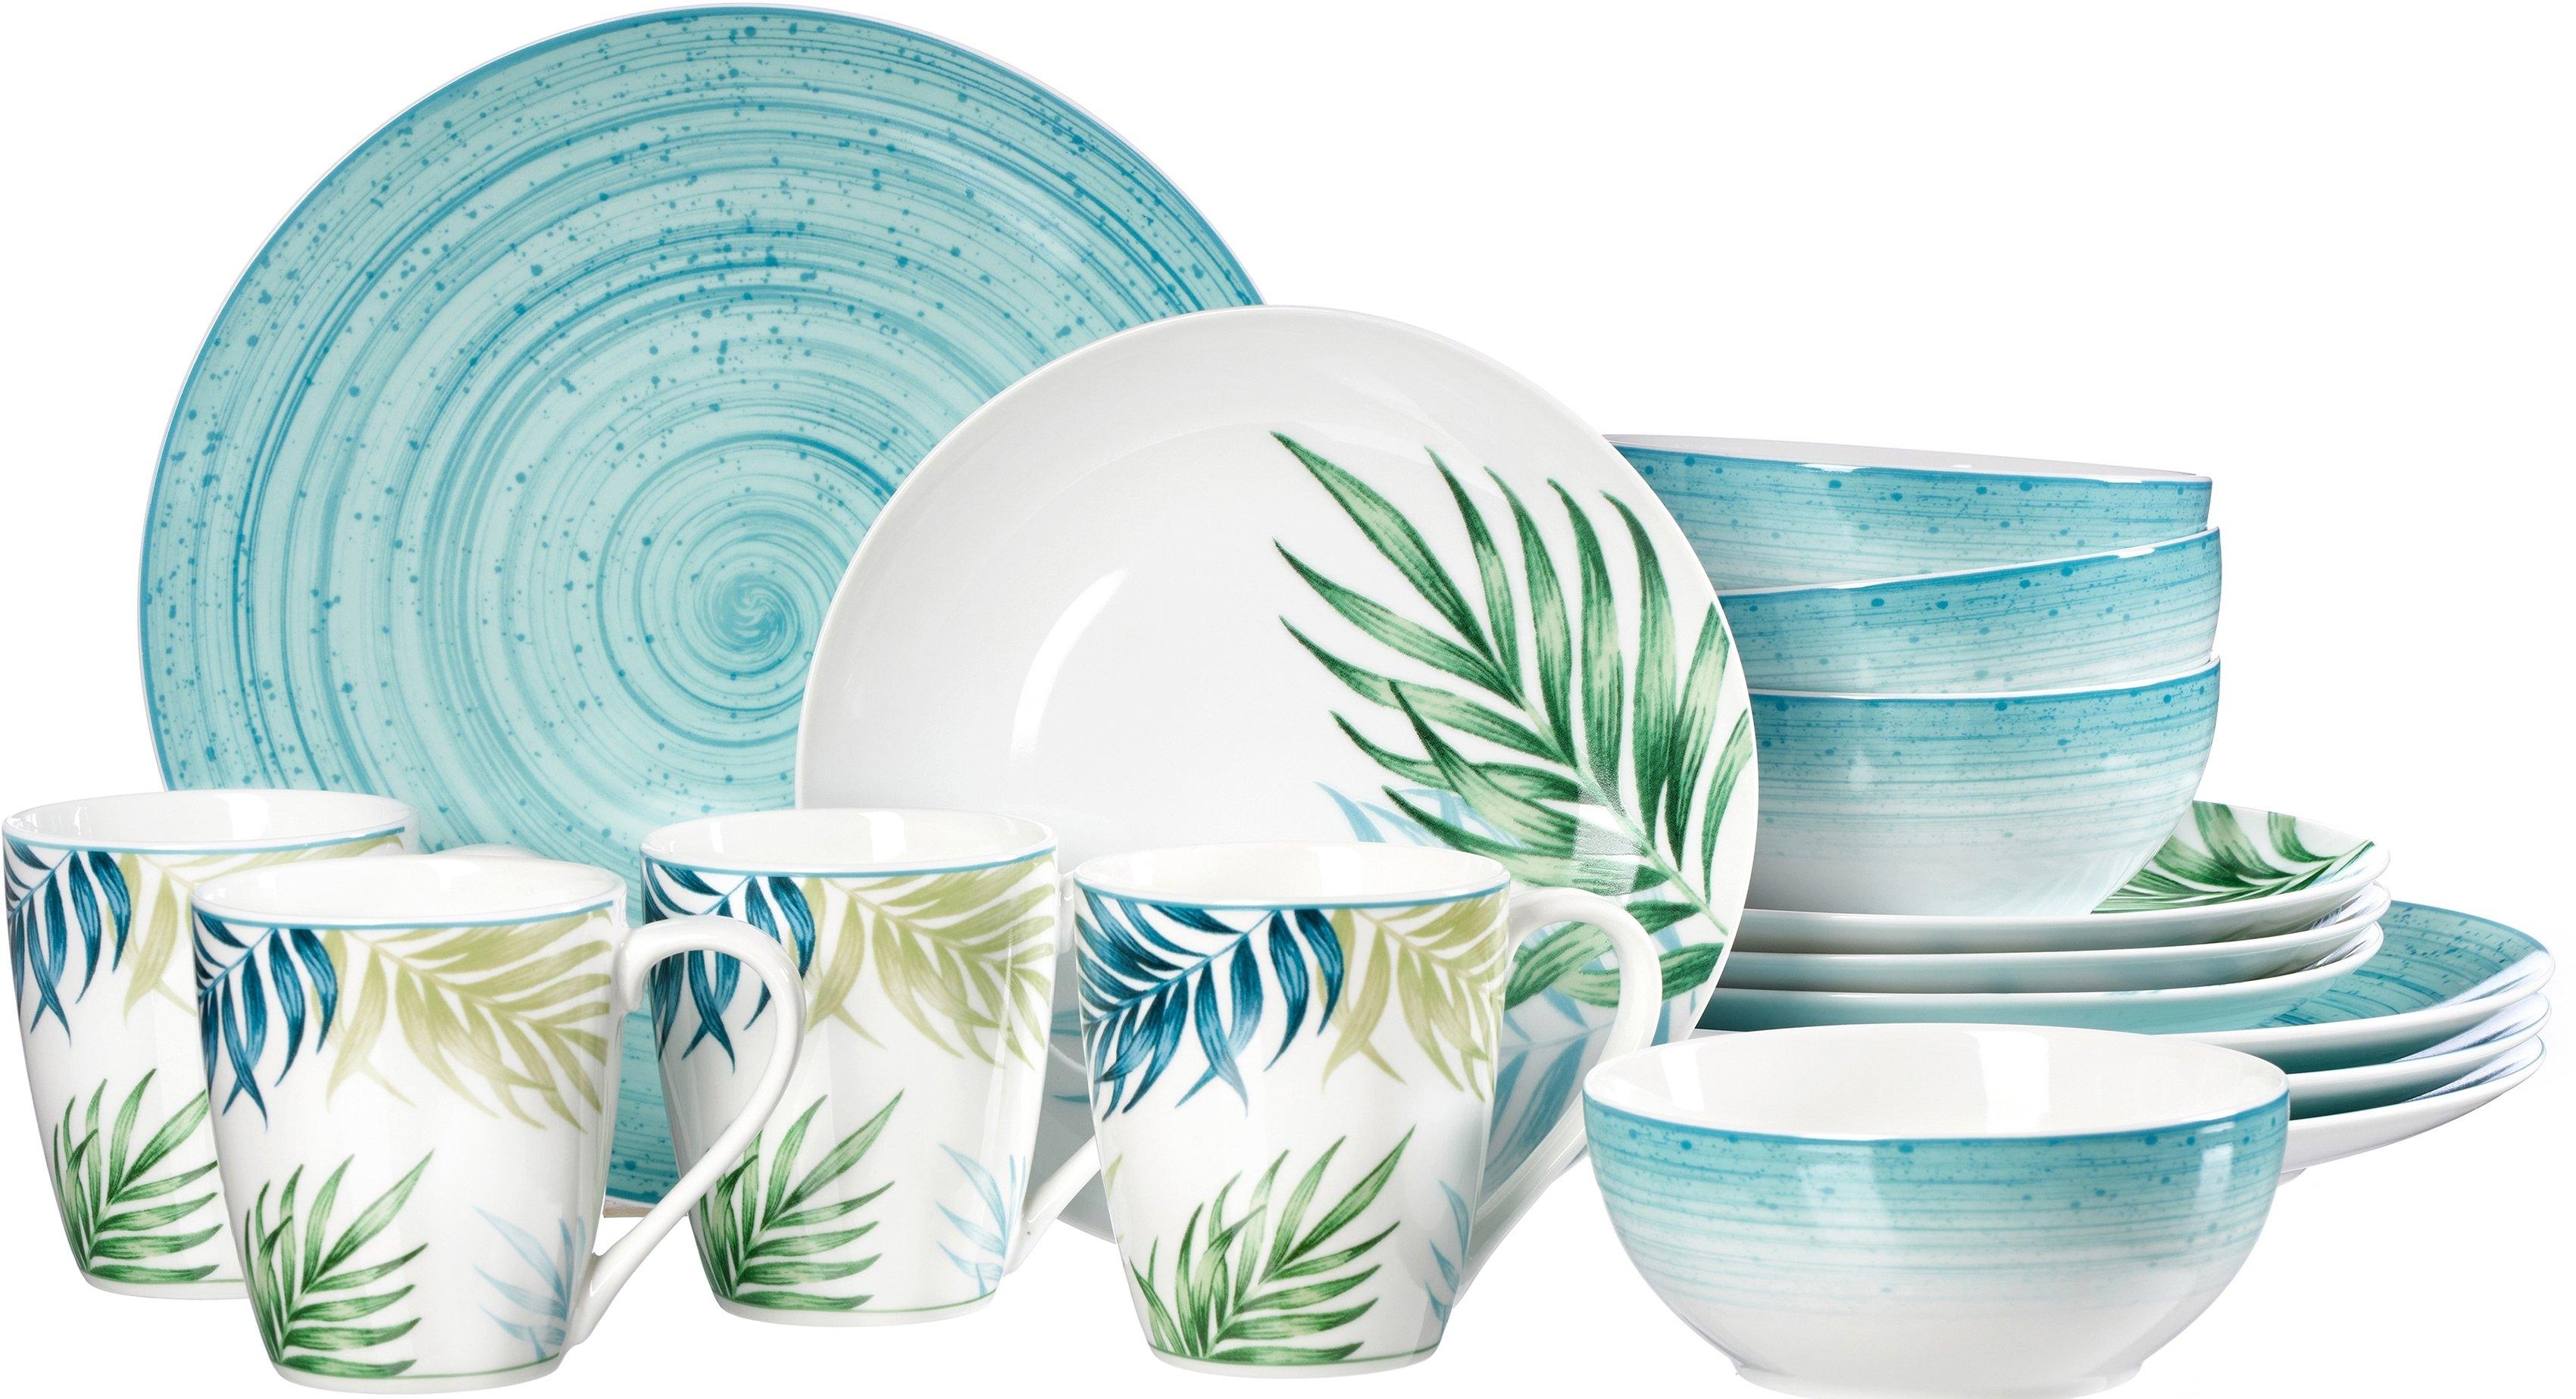 Ritzenhoff & Breker combi-servies Aruba Palmbladendecor gemengd met zeeblauwe delen (set, 16 delig) nu online bestellen